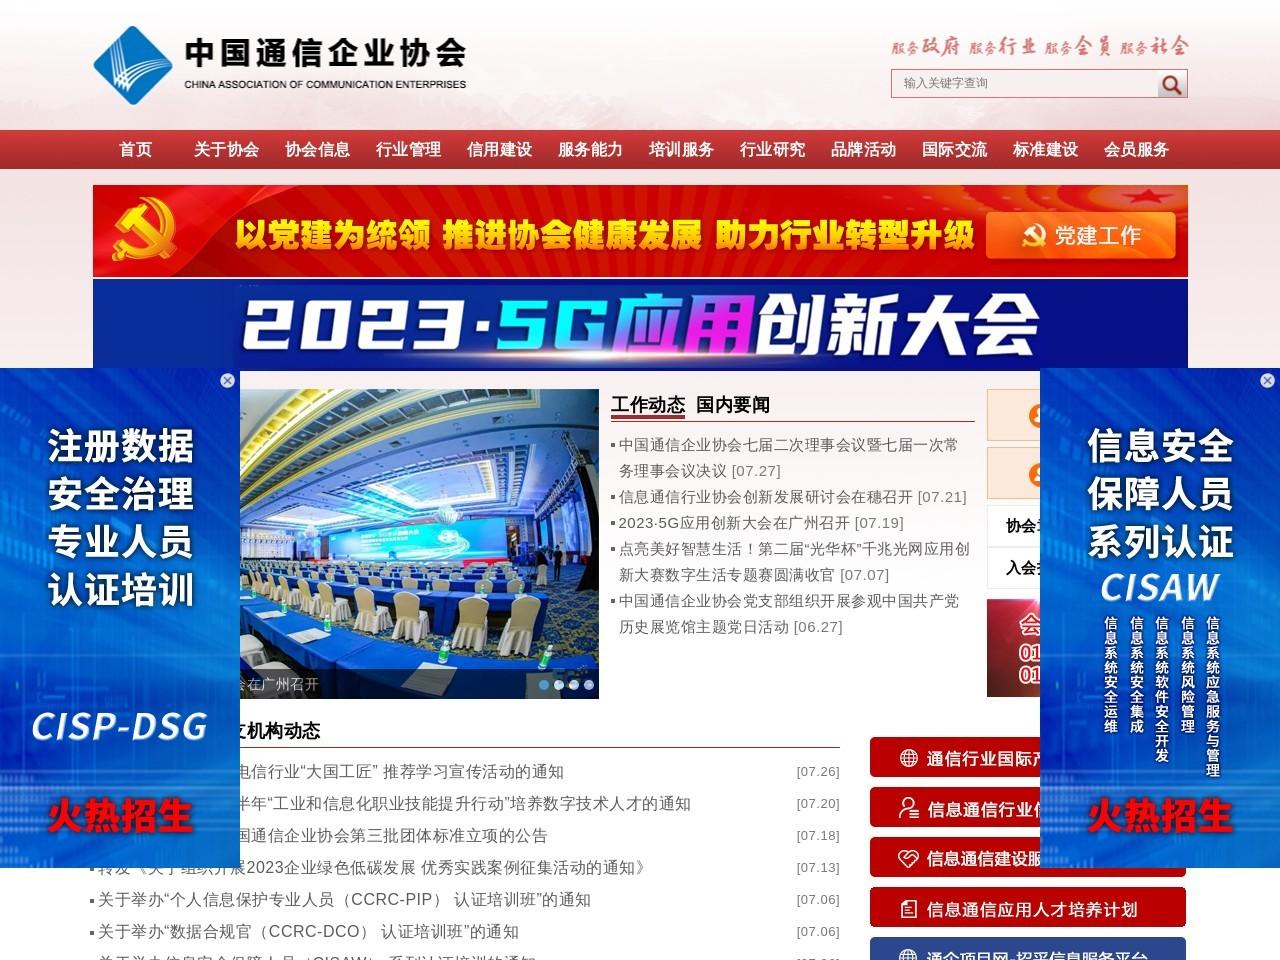 中国通信企业协会